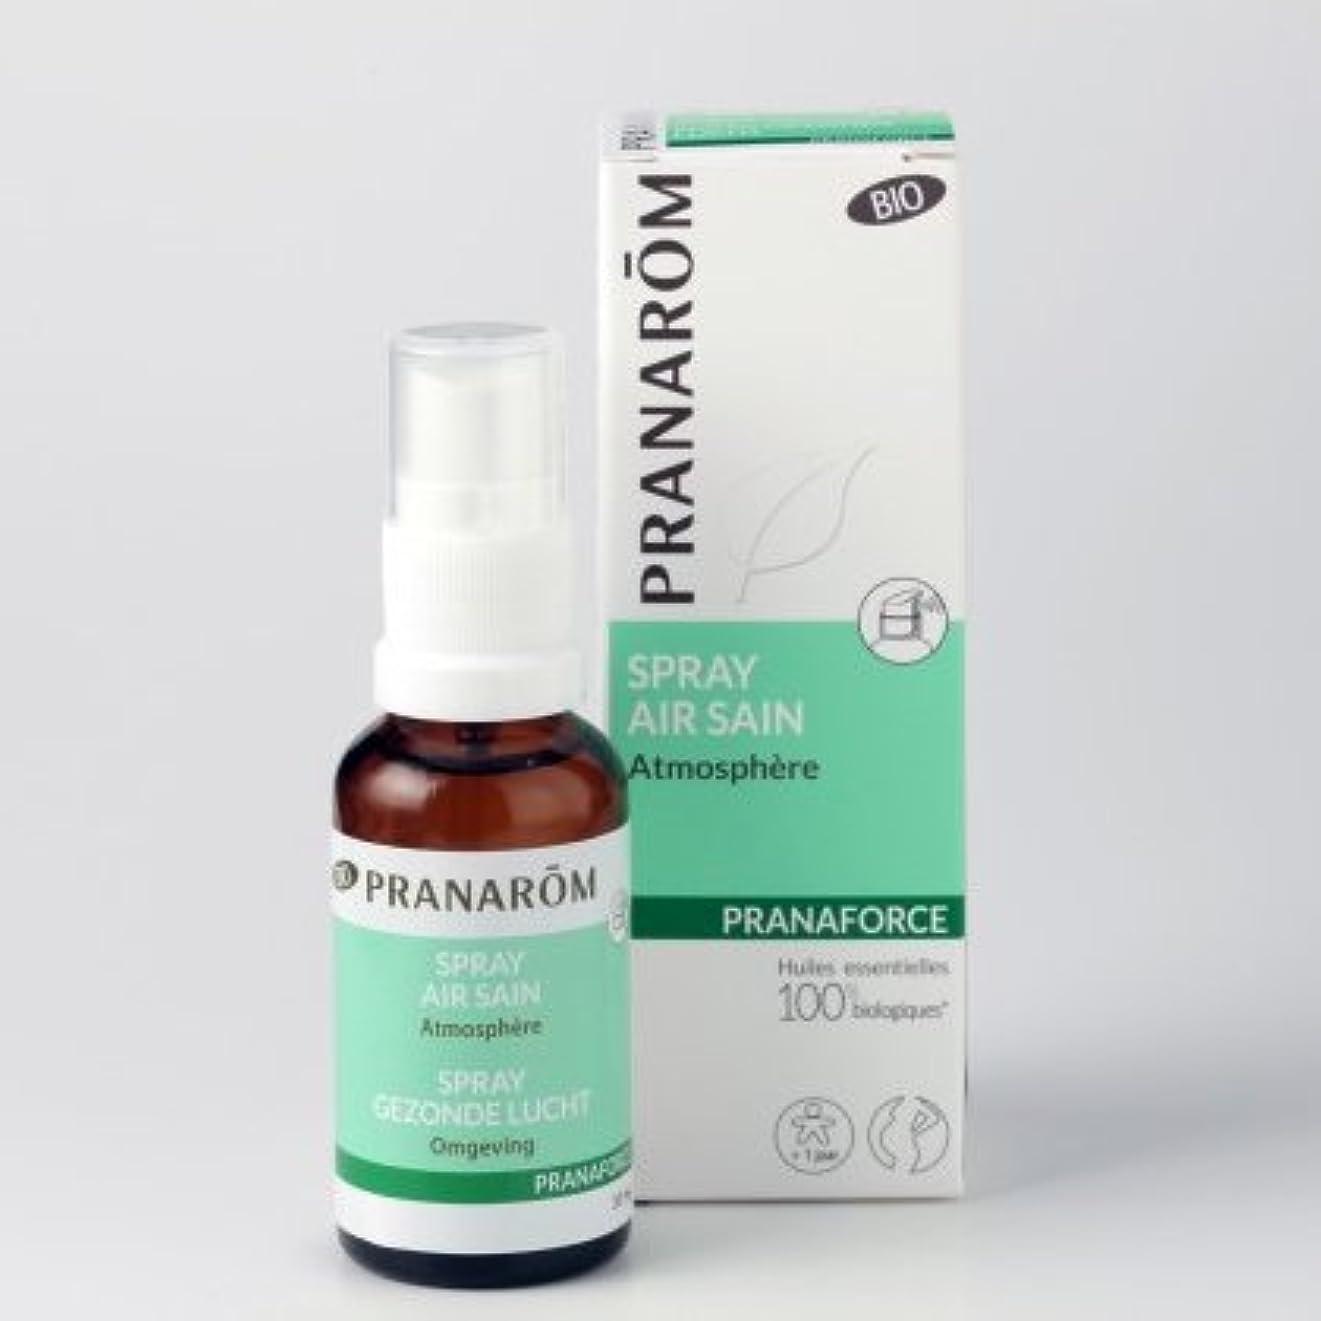 メッシュ化学リングメディカルアロマのプラナロムが作った芳香剤 プラナフォーススプレー